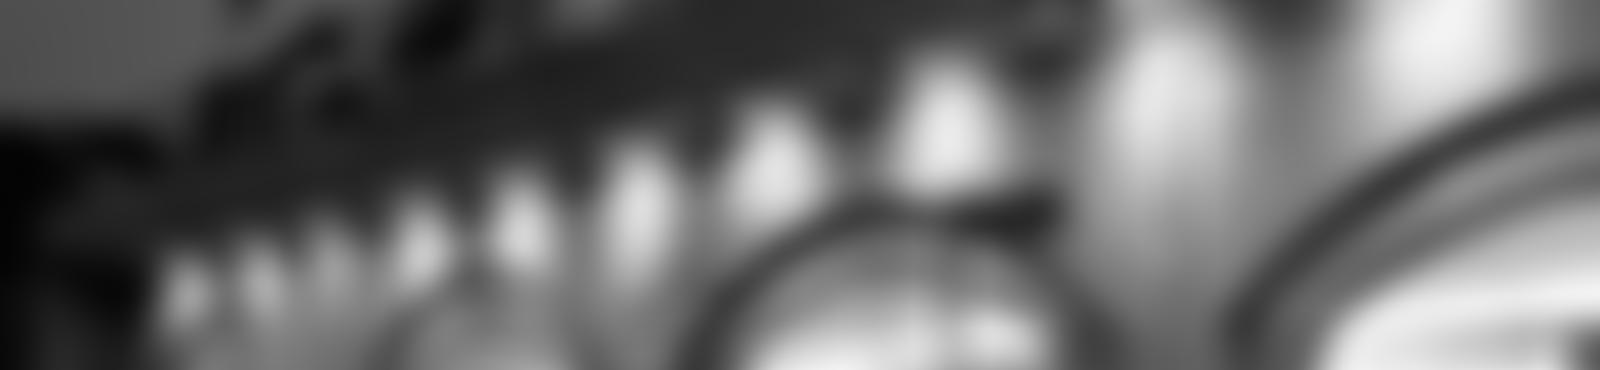 Blurred 50096b9f 93d3 410a 93fa 2f81bb5db555